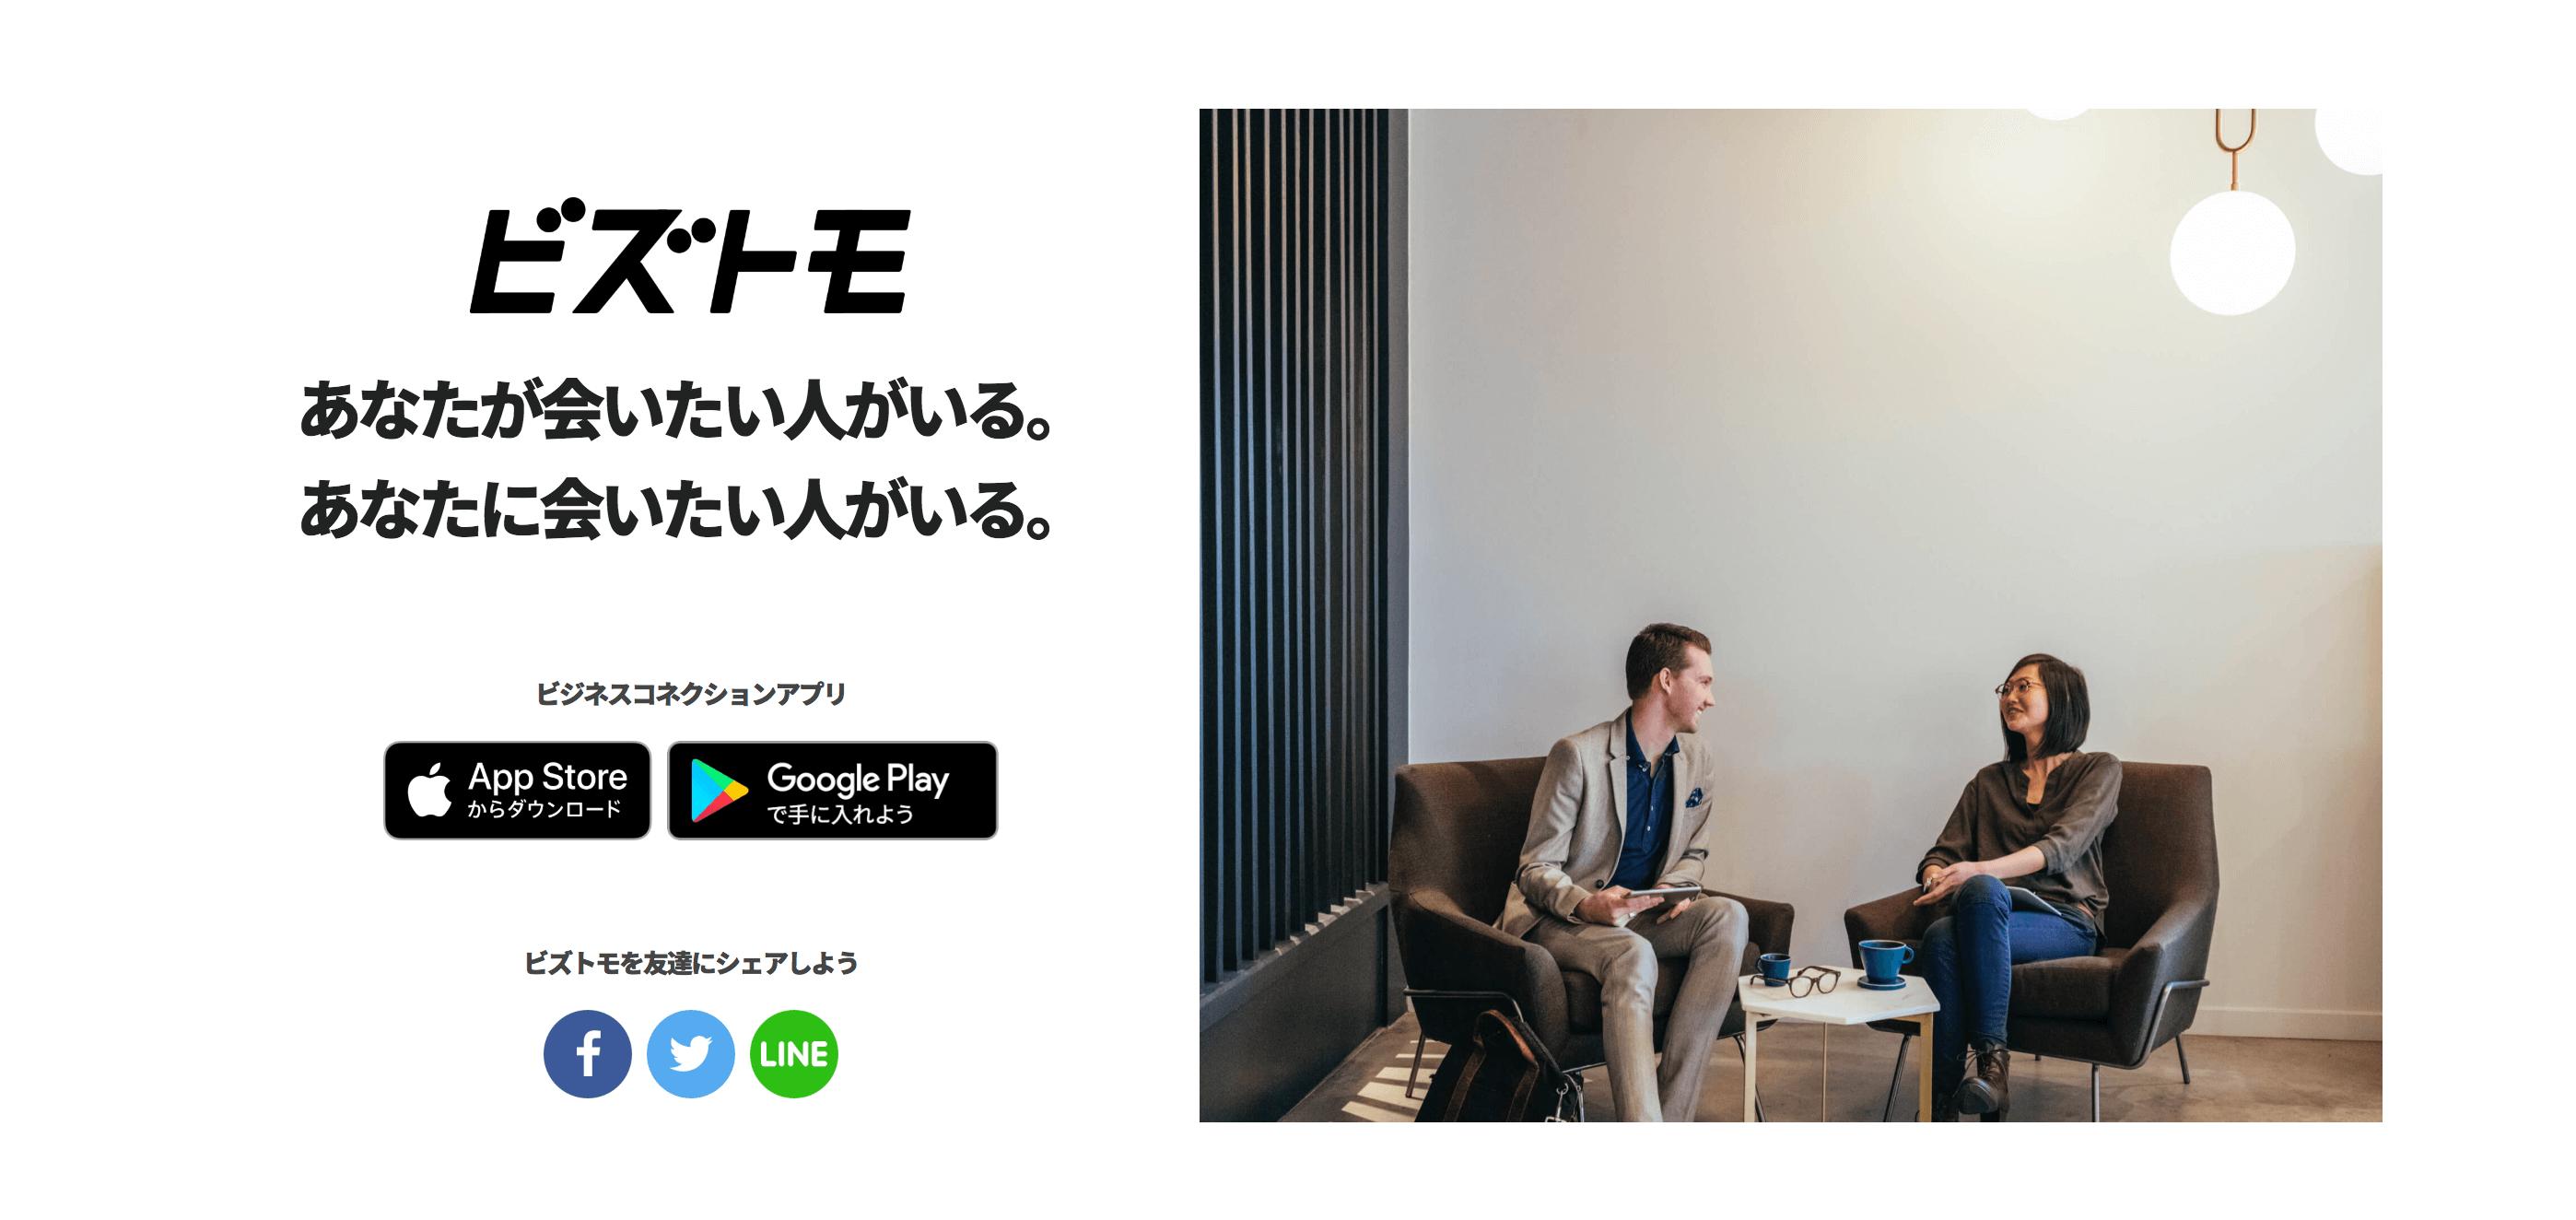 ビジネス系マッチングアプリ「ビズトモ」